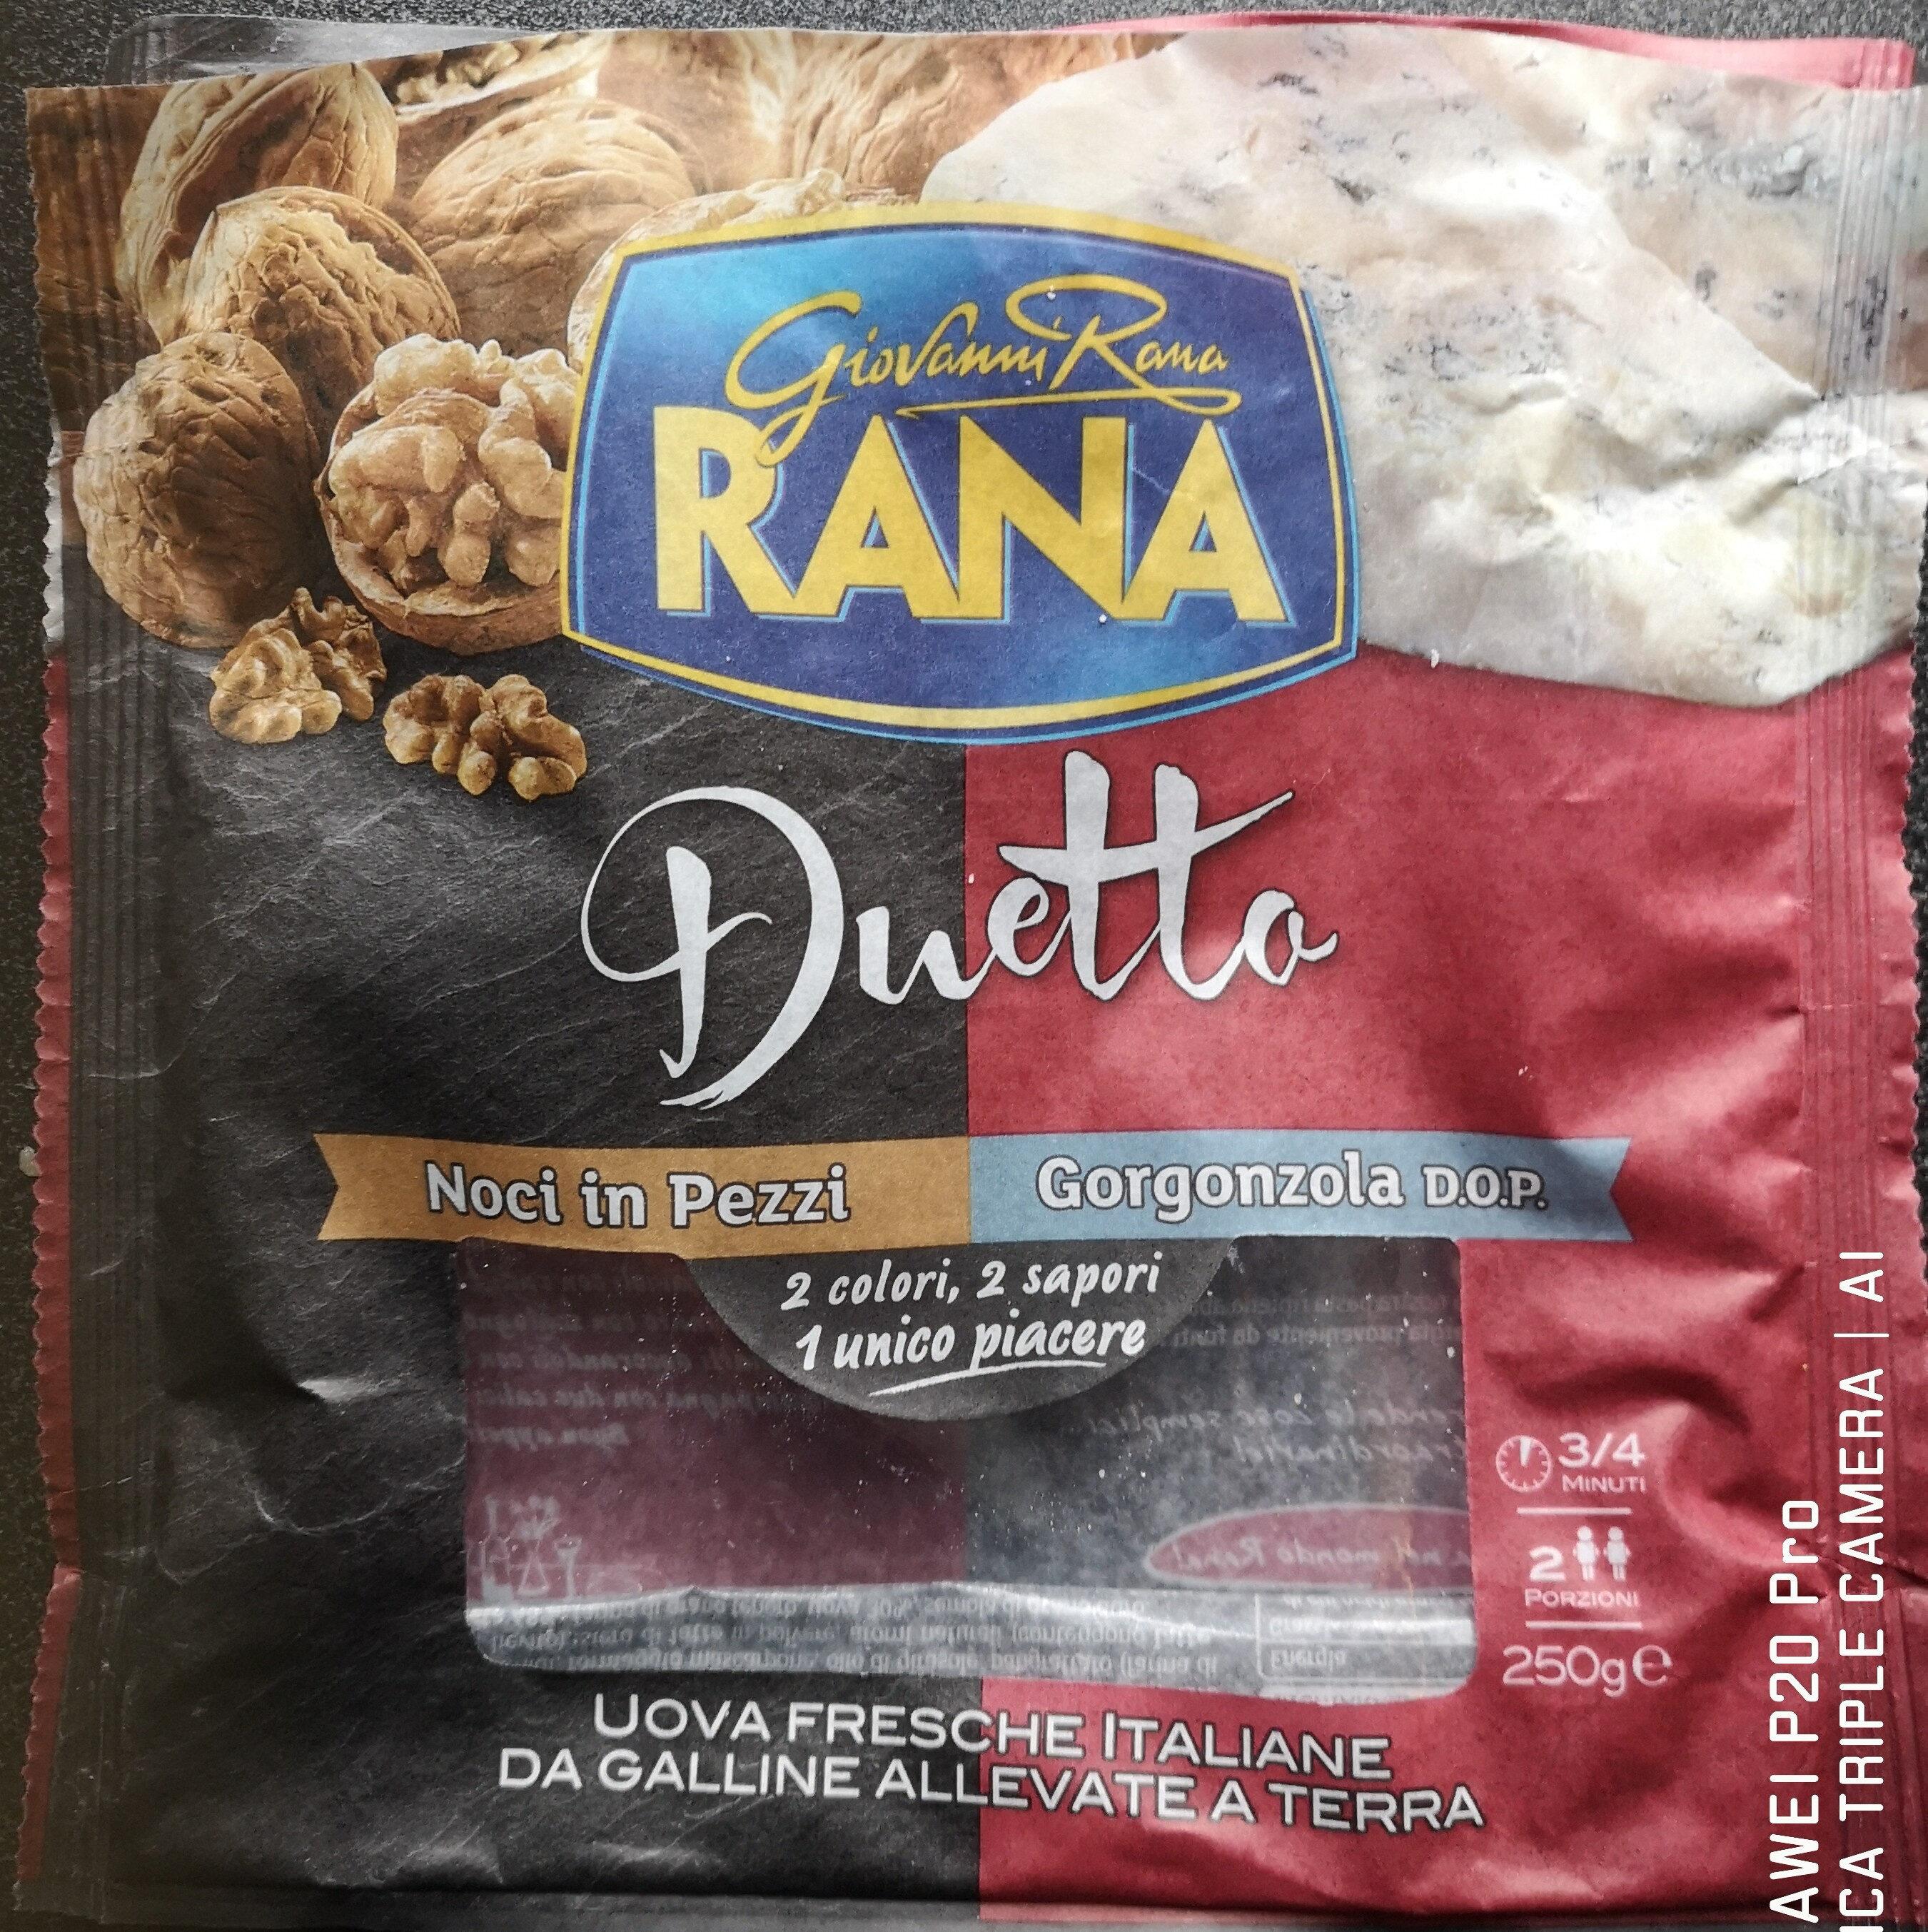 Duetto (Giovanni rana) - Product - it